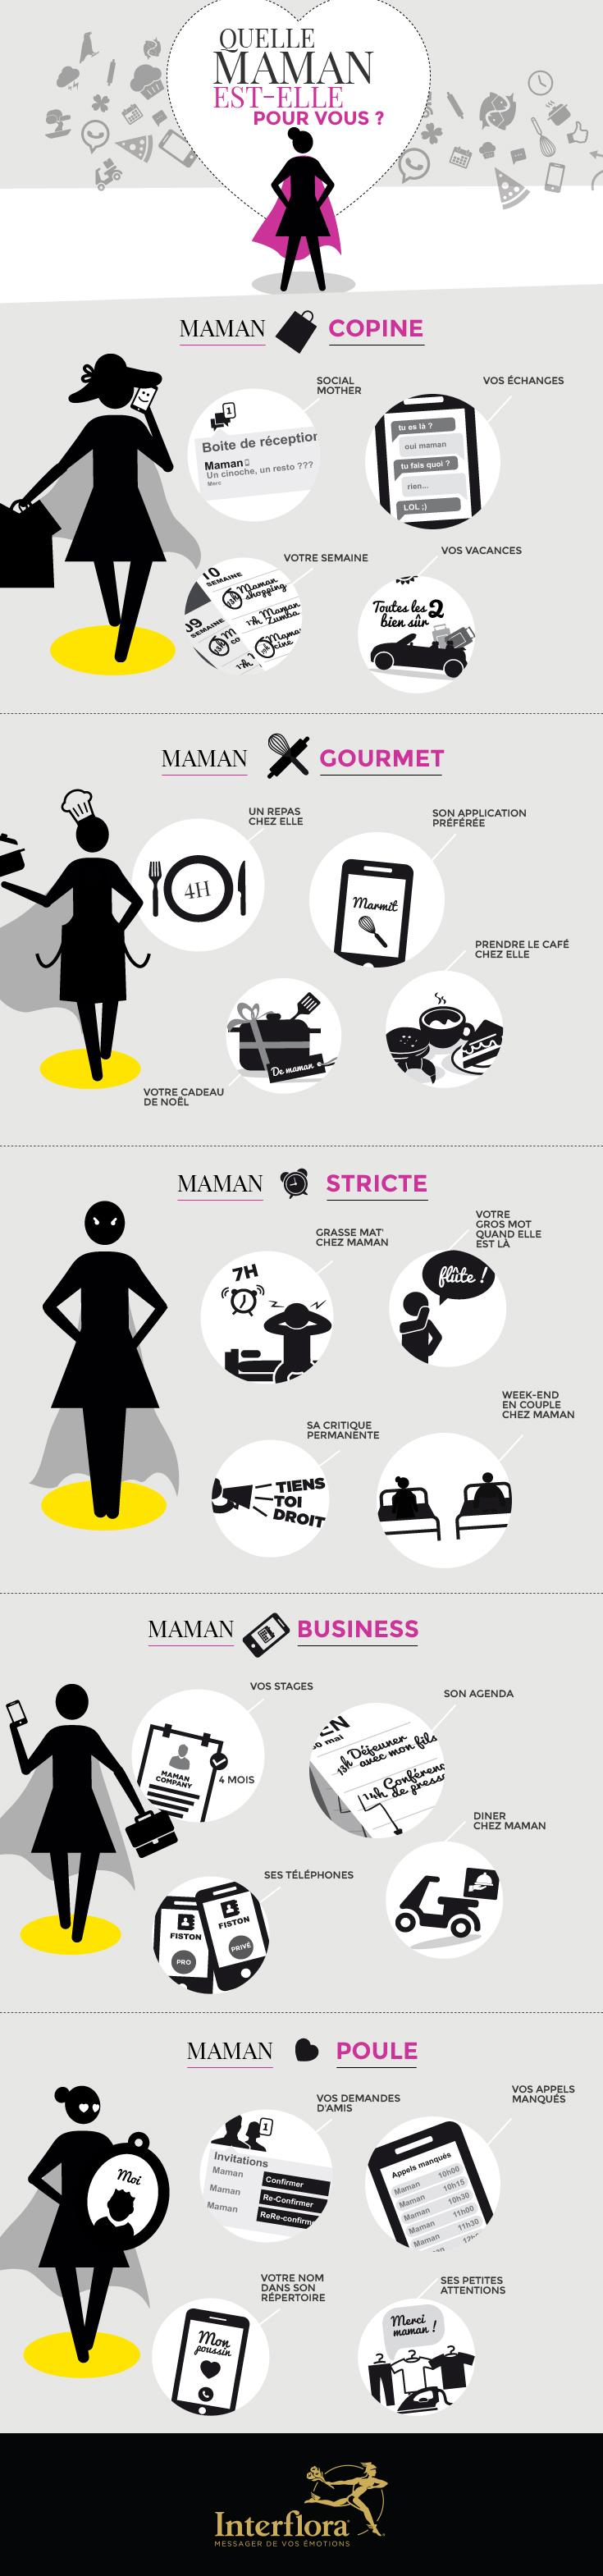 infographie fête des mères 2015 : Quelle Maman est-elle pour vous ?